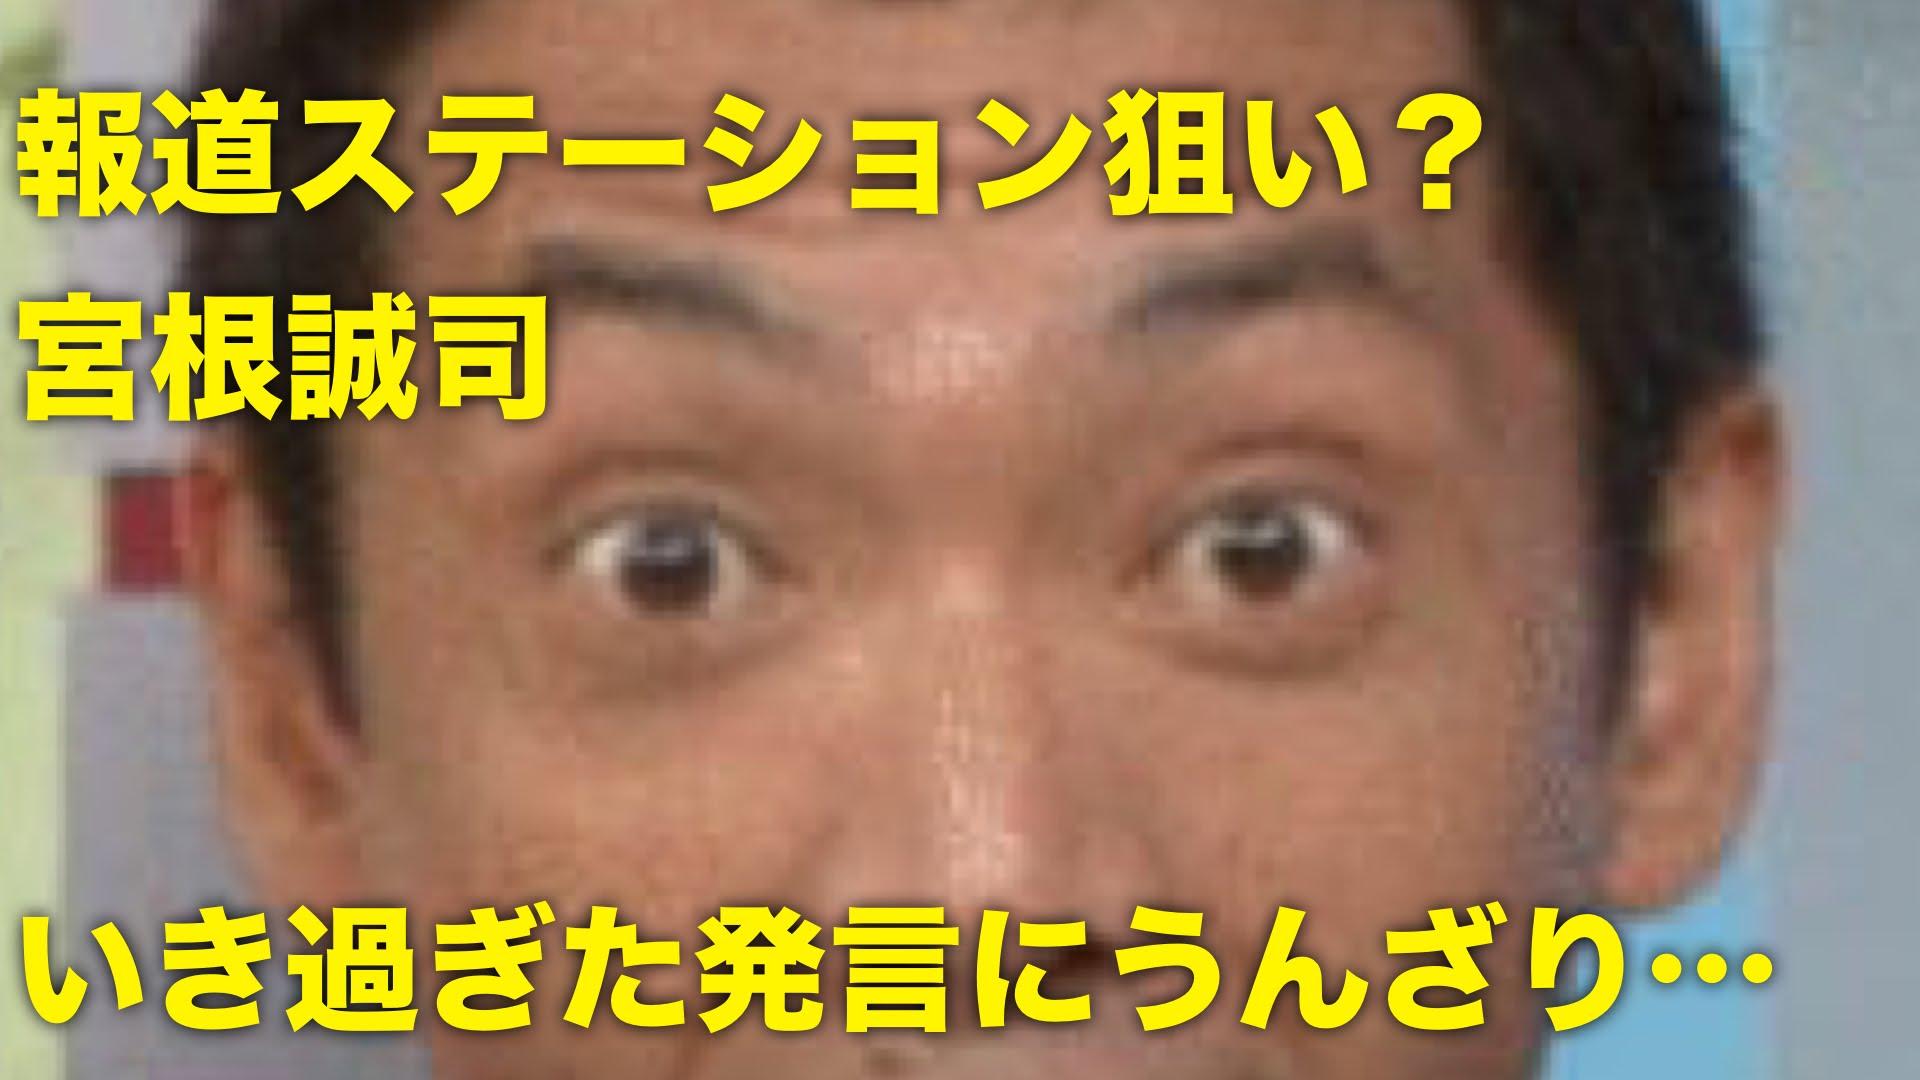 ミヤネ屋放送事故?宮根誠司『報道ステーションです』下品と横暴が売りですw